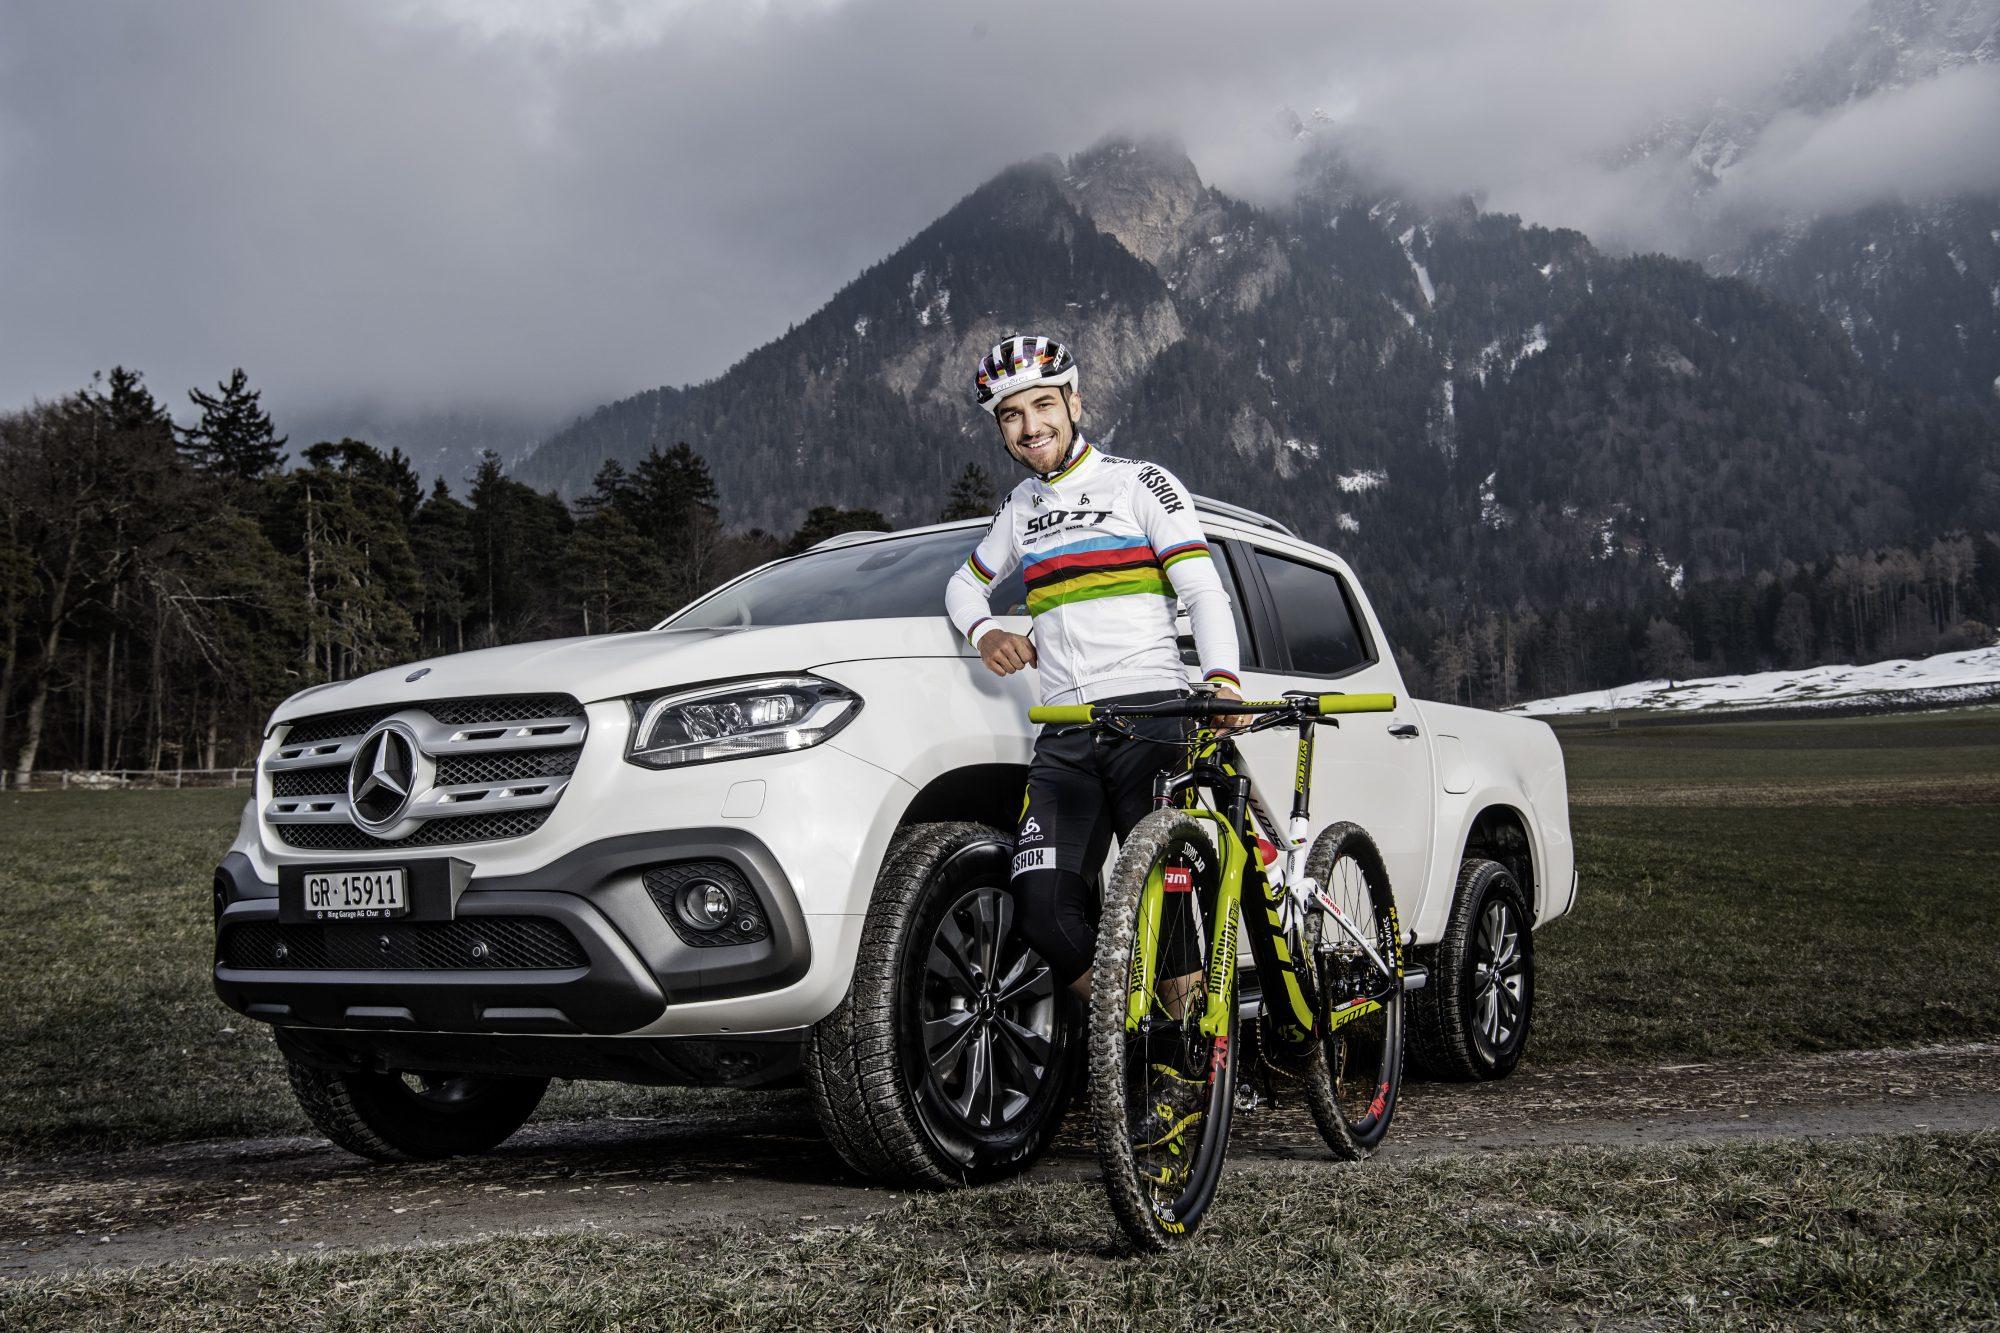 Mercedes-Benz Vans: Sechsfacher Mountainbike-Weltmeister und Olympia-Sieger Nino Schurter wird Markenbotschafter der Mercedes-Benz X-Klasse